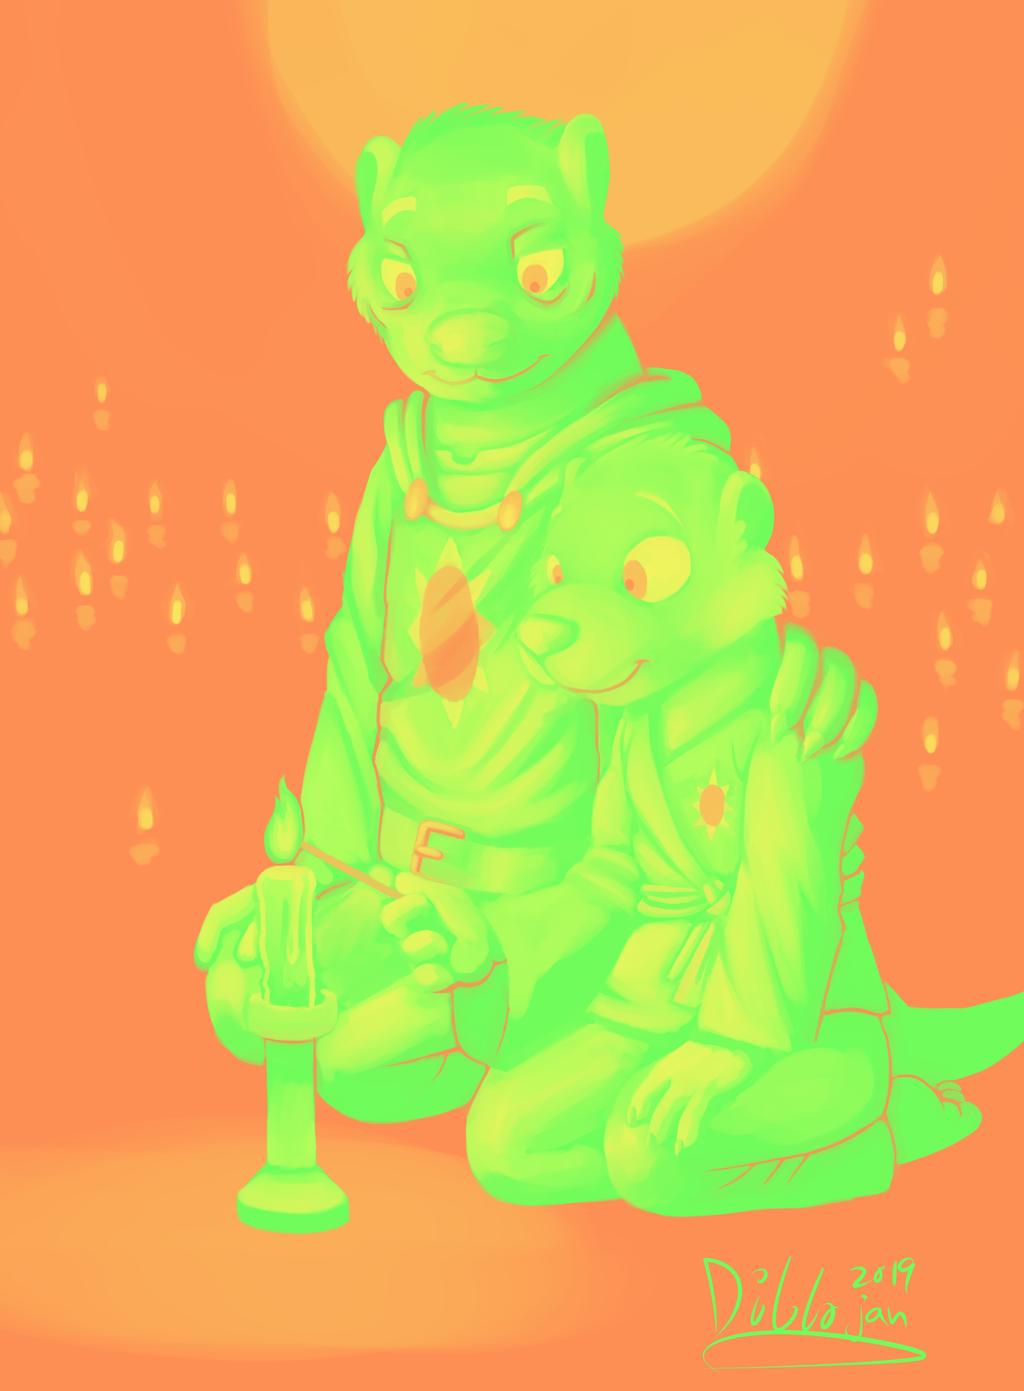 Candle Ritual